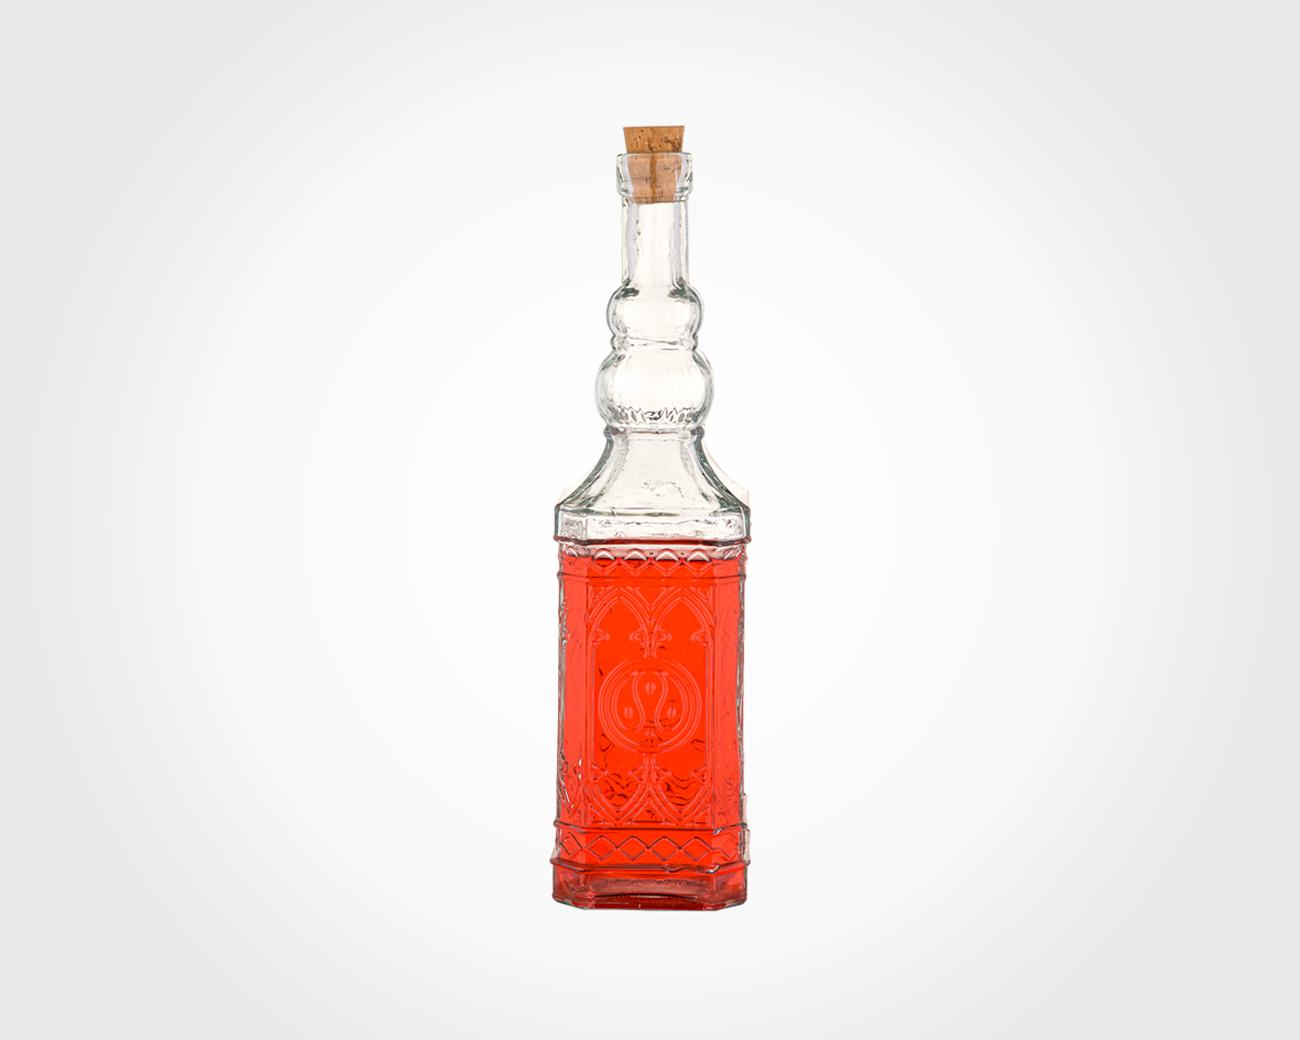 بطری چهارگوش درب چوب پنبه سایز 1